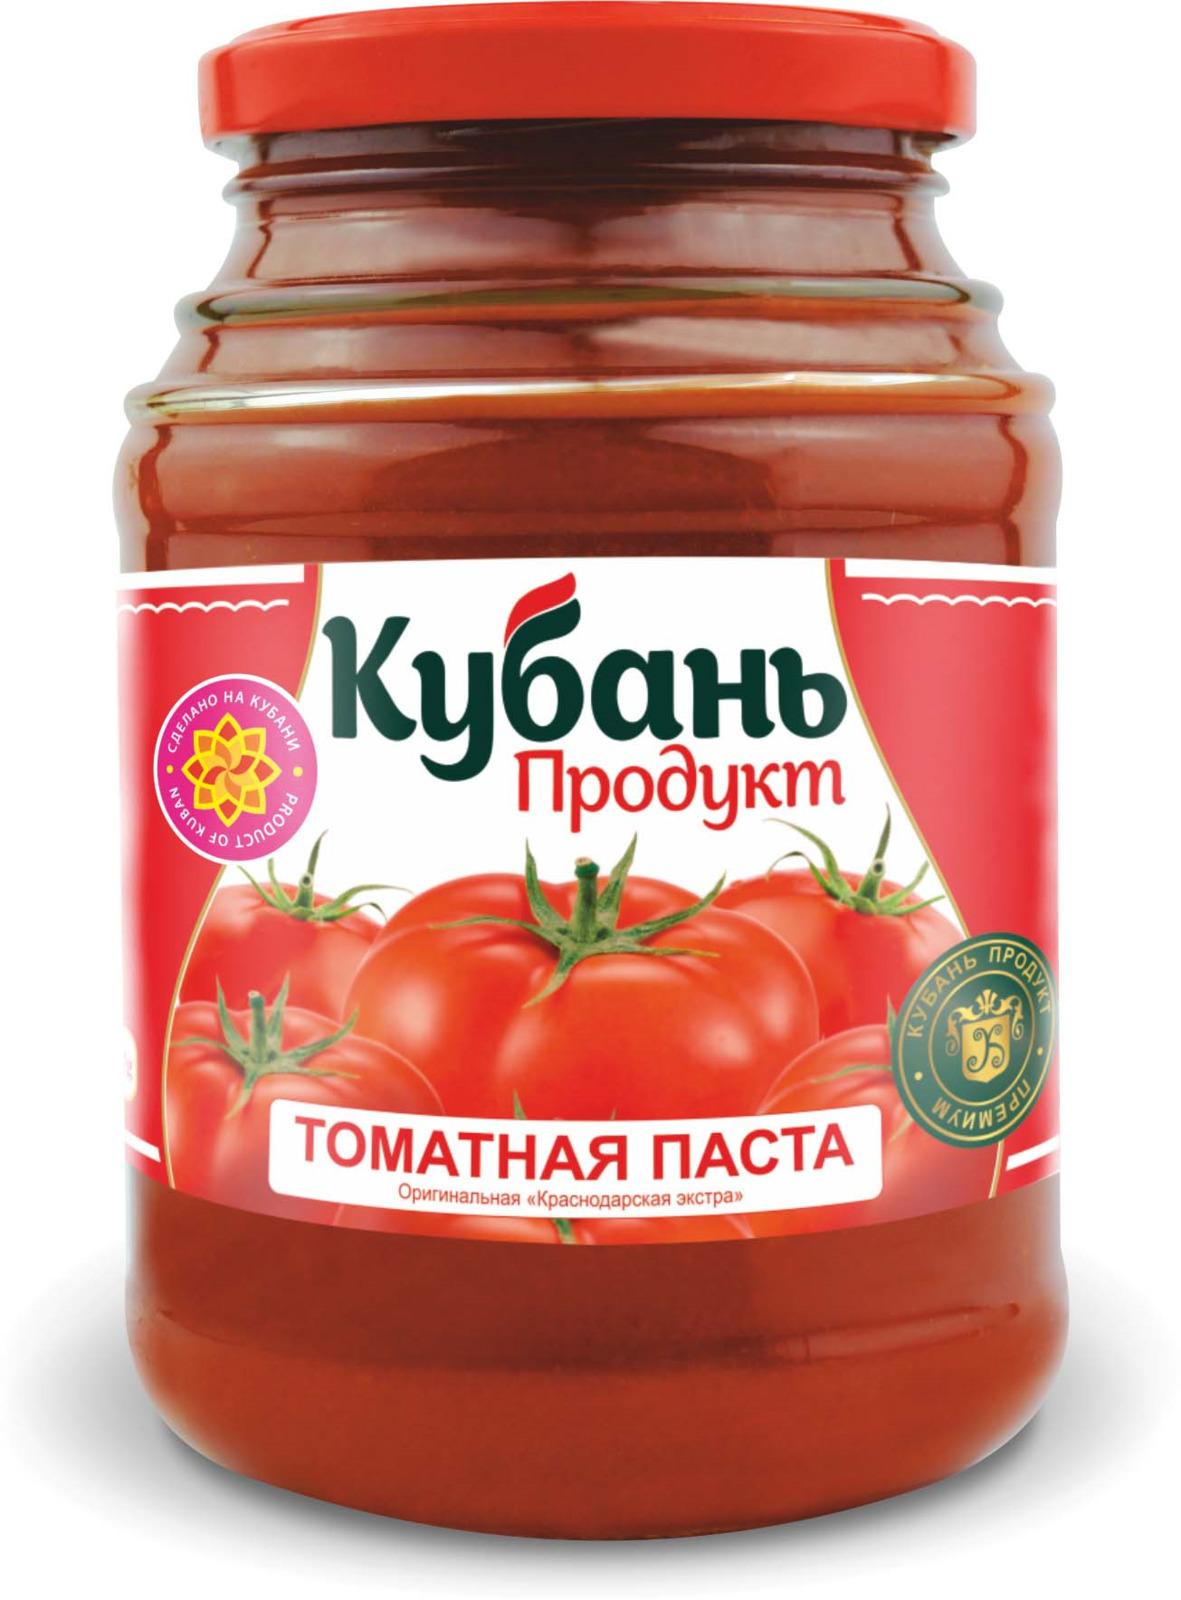 Кубань Продукт паста томатная, 500 г кубань авиабилеты